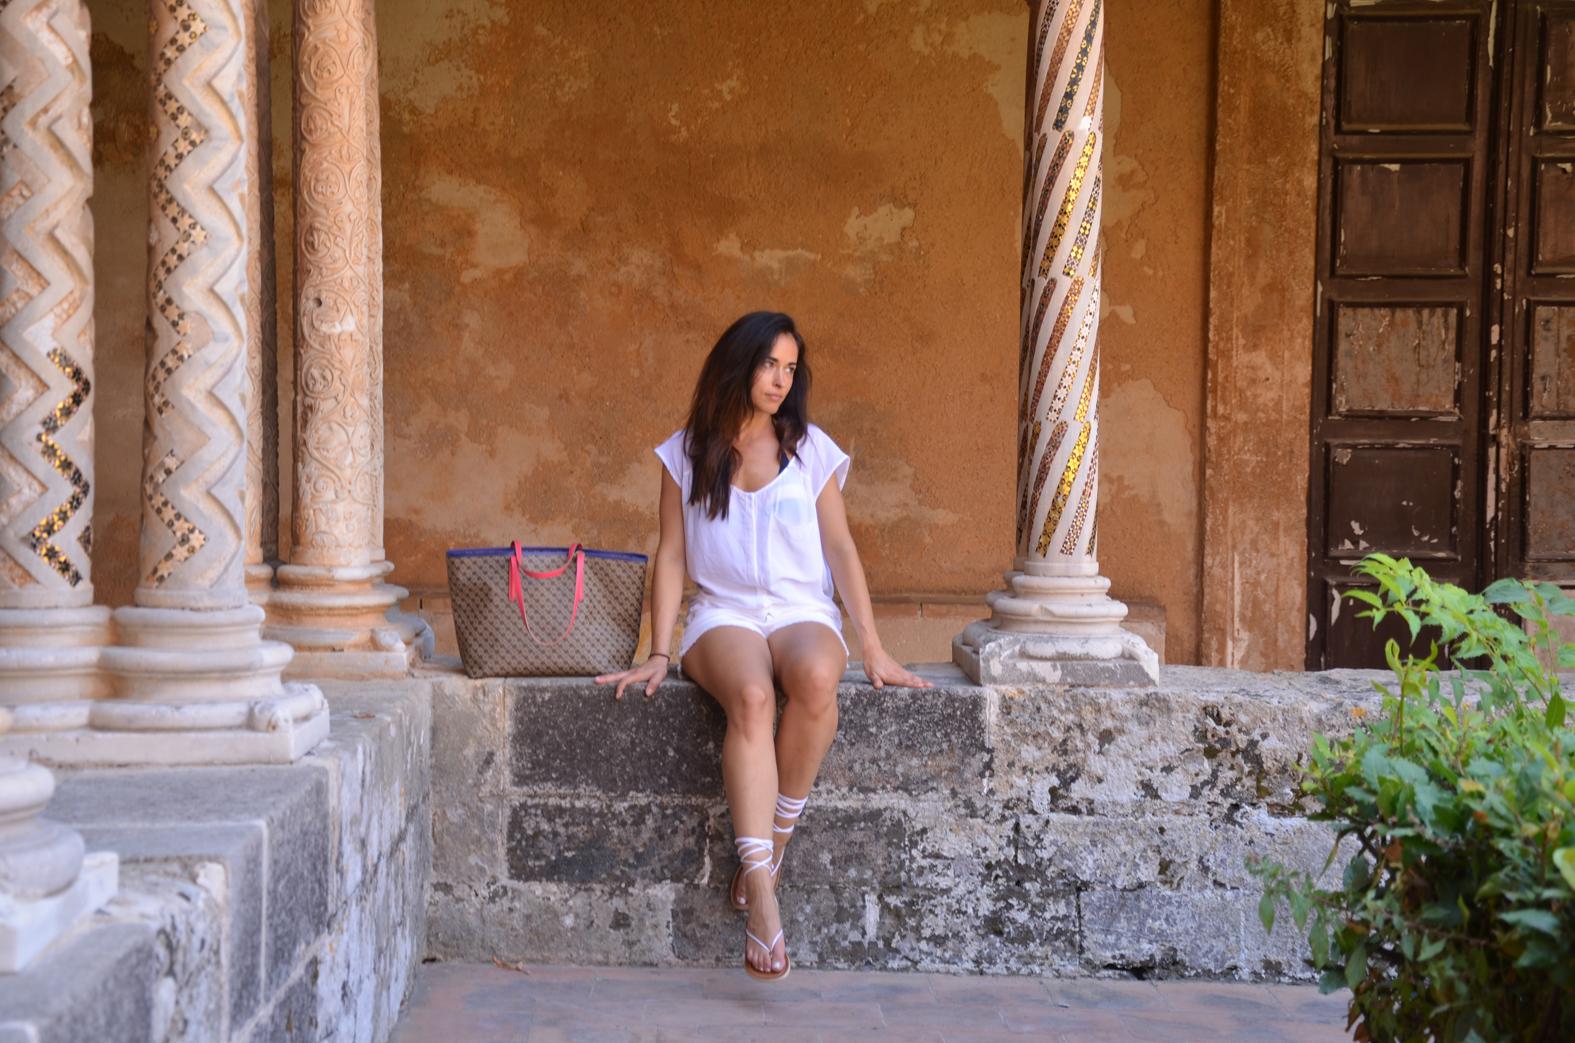 visitare-sicilia-chiesa-martorana